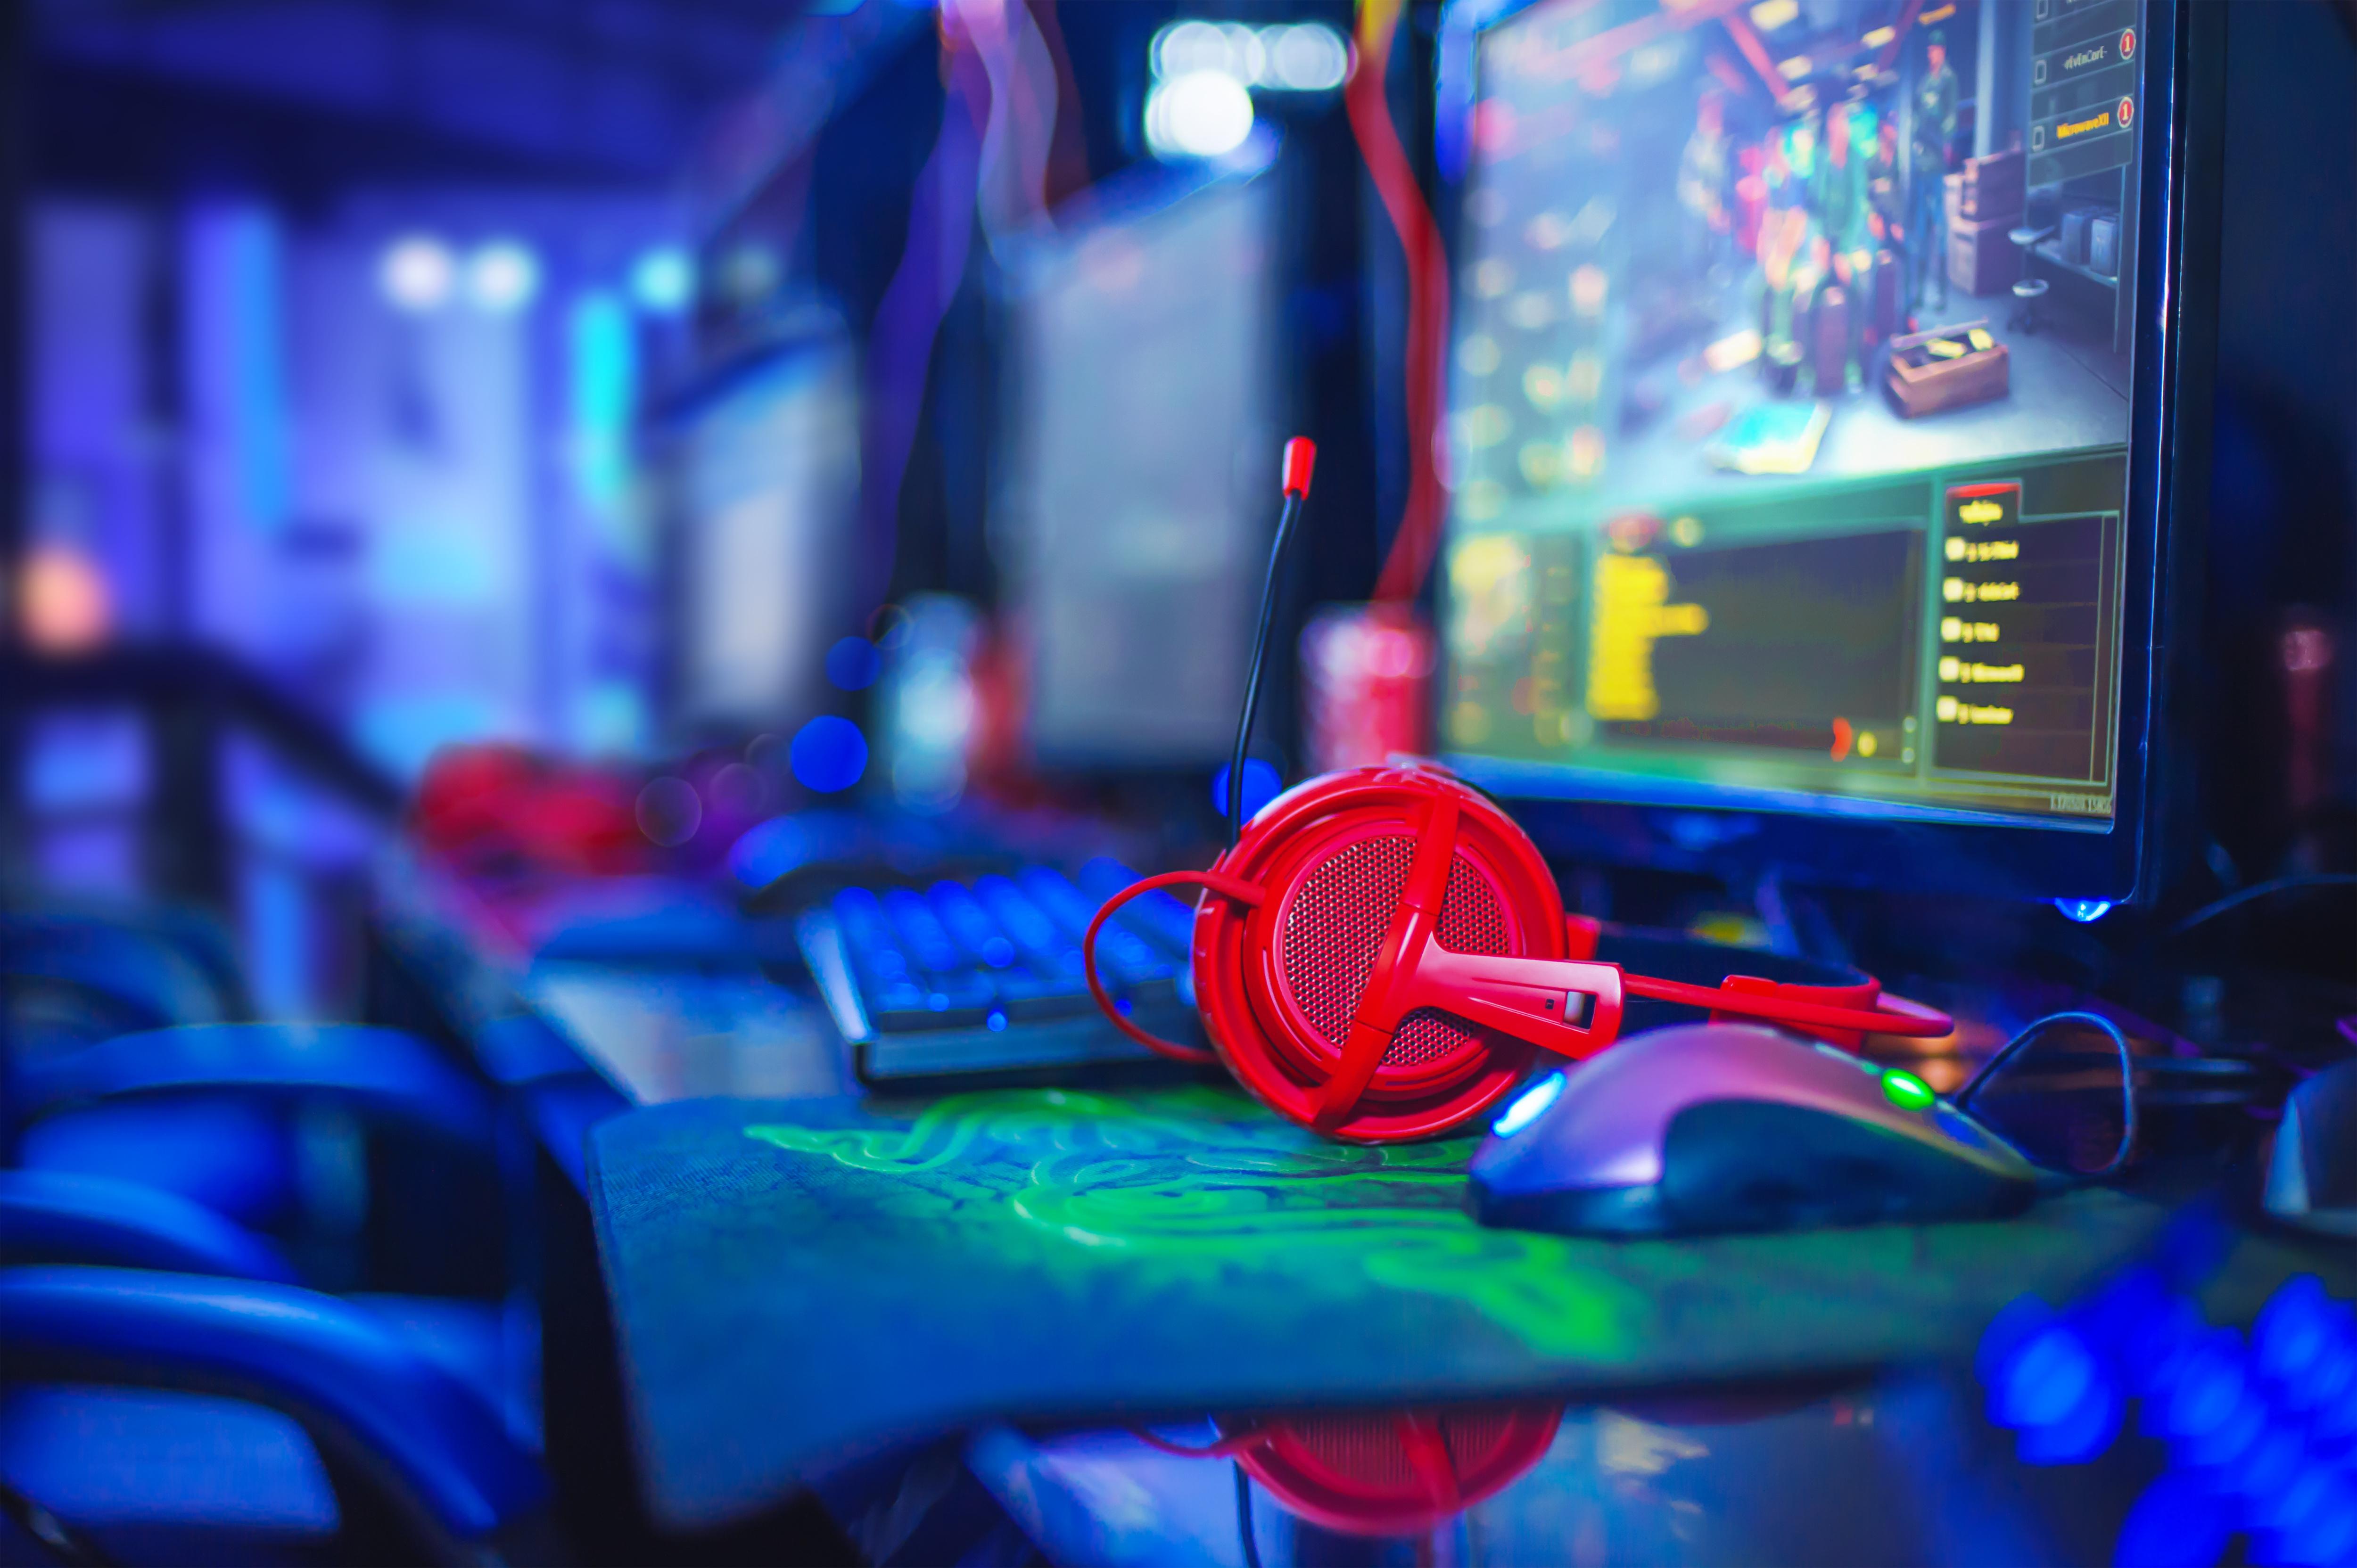 Les compétences mentales requises pour des performances optimales chez les joueurs comprennent des niveaux élevés de résistance mentale, de contrôle émotionnel et du mode de vie (Visuel AdobeStock_165635976)